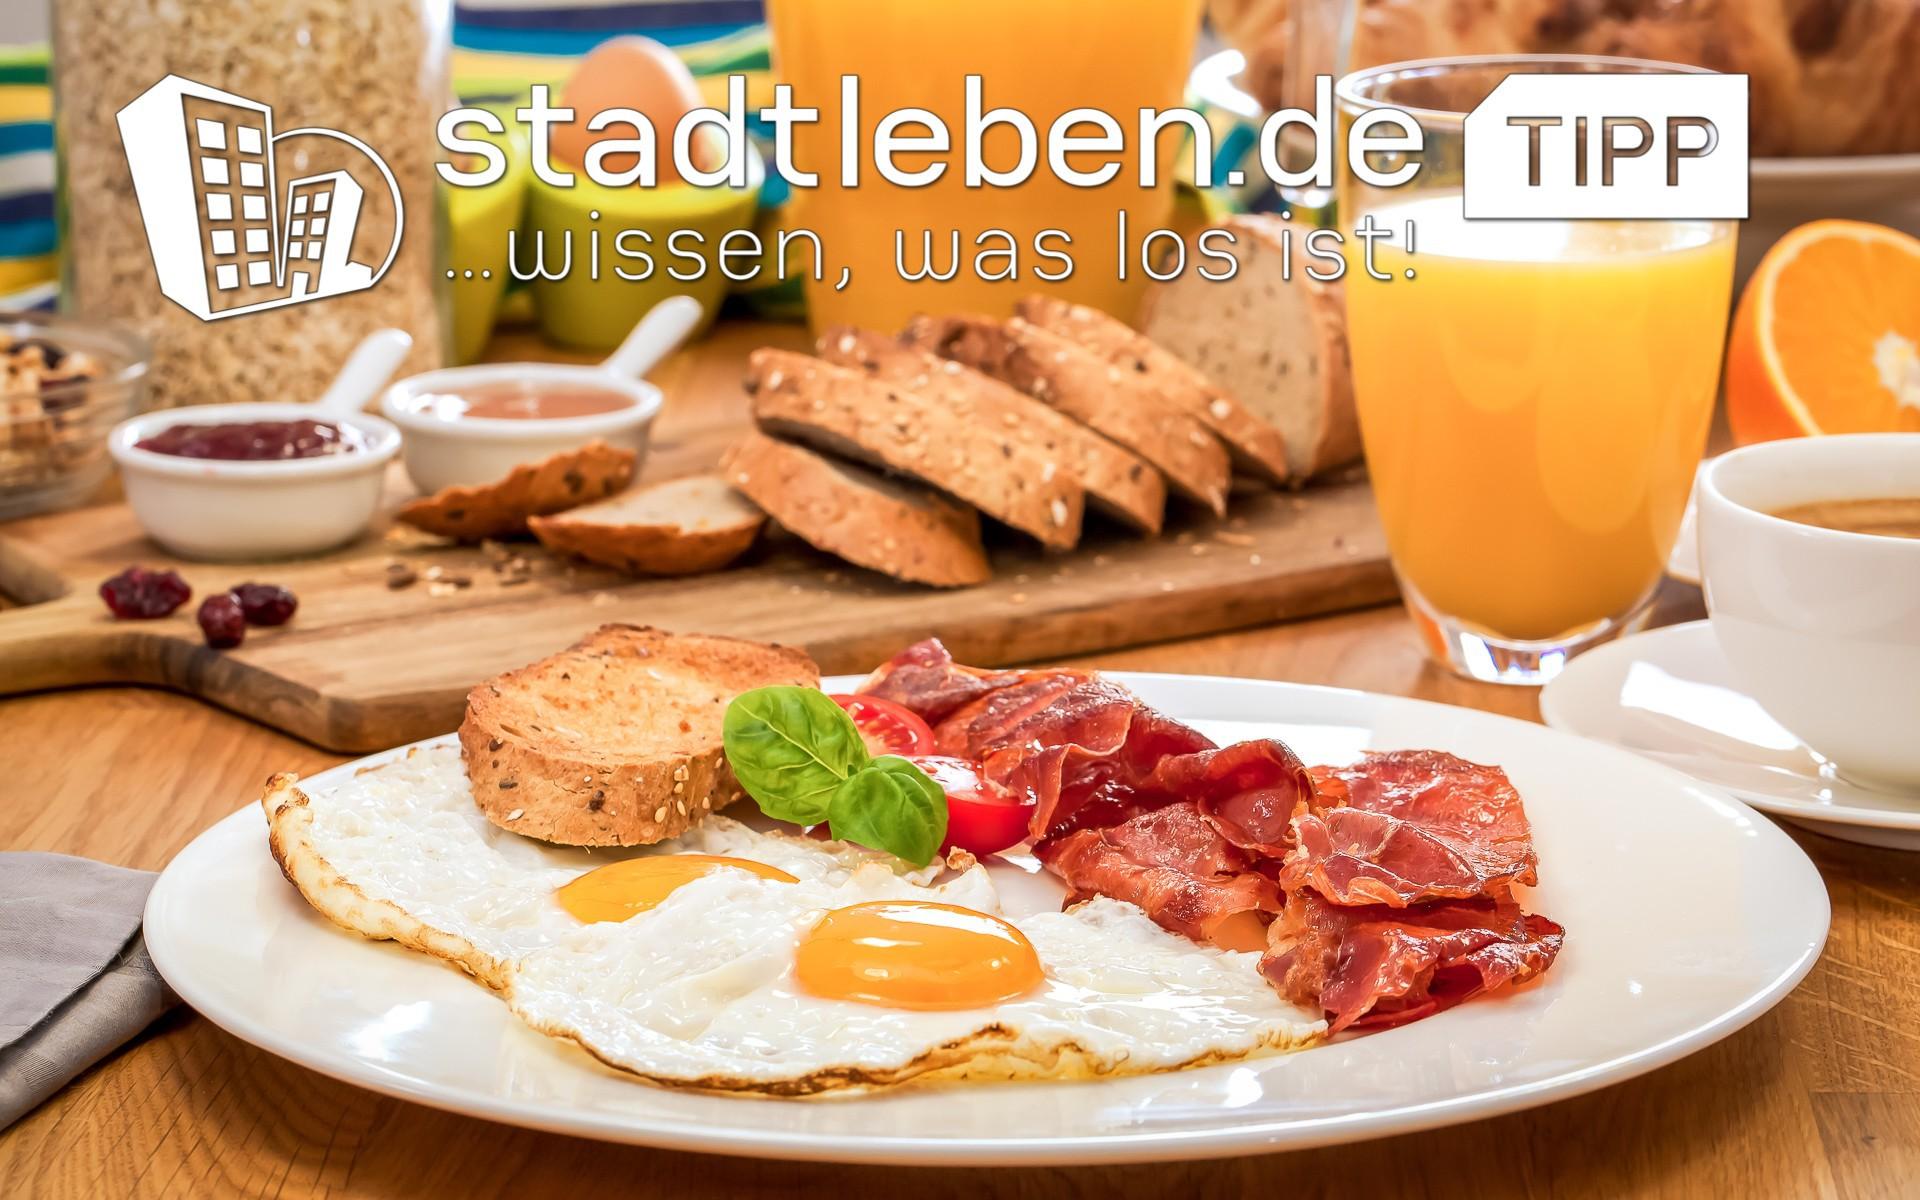 Frühstück mit Spiegelei, Bacon und Brot